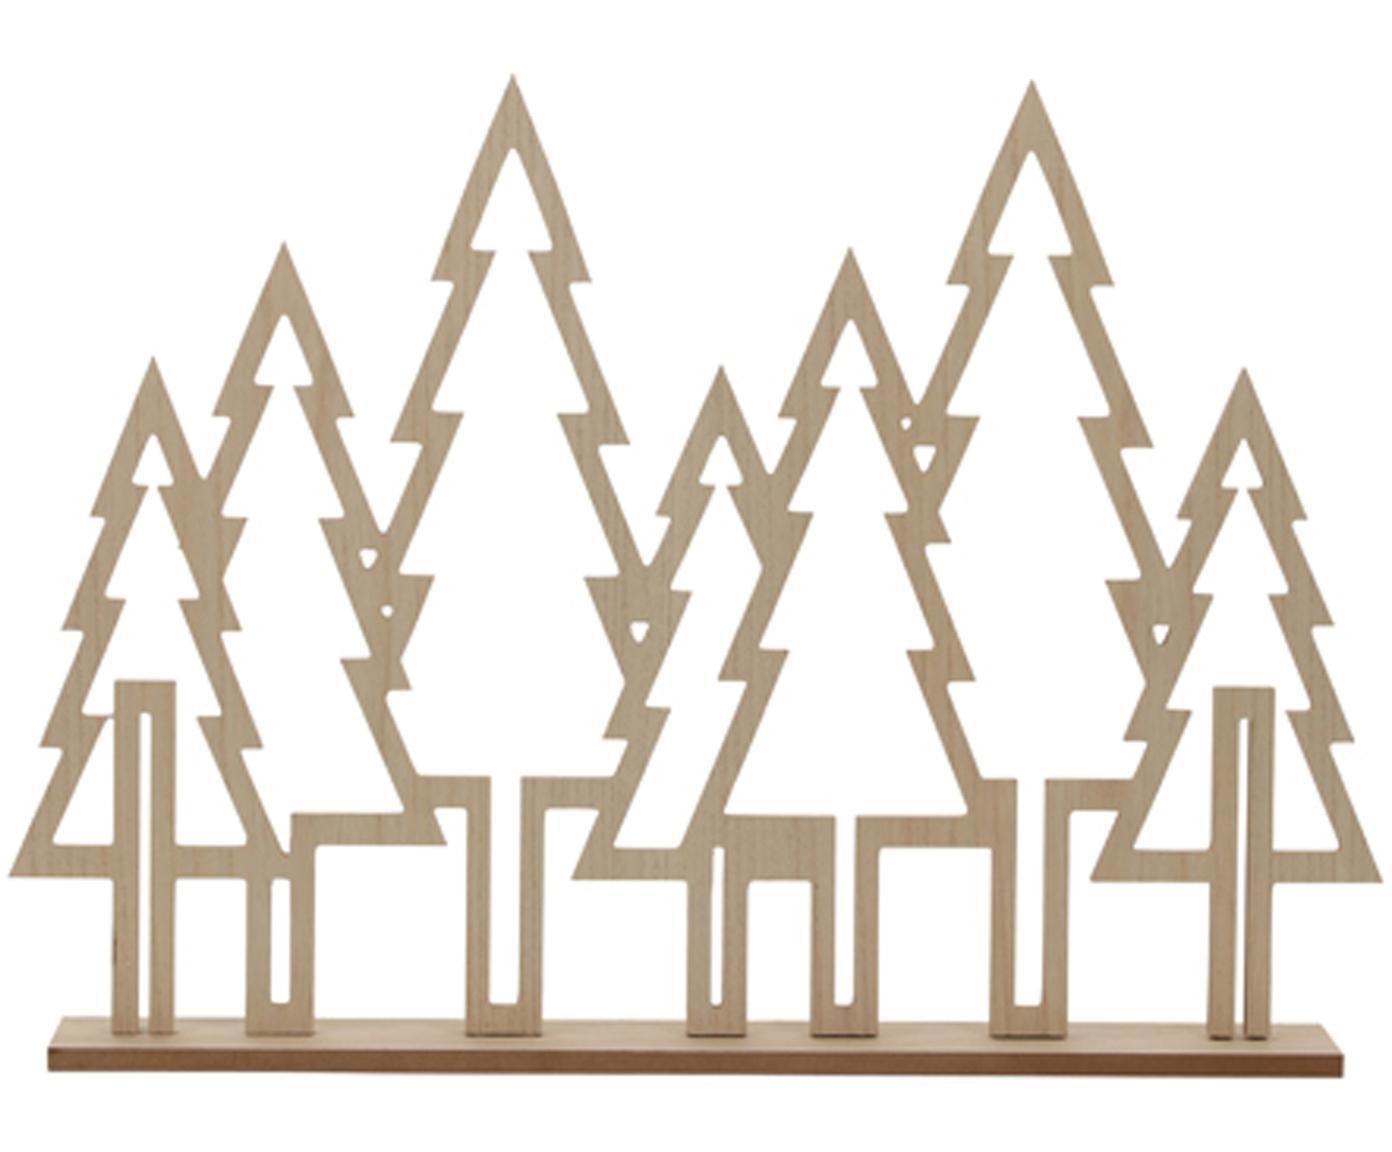 Struttura con pini decorativi Waldi, Pannello di fibra a media densità, rivestito, Marrone, Larg. 71 x Alt. 51 cm